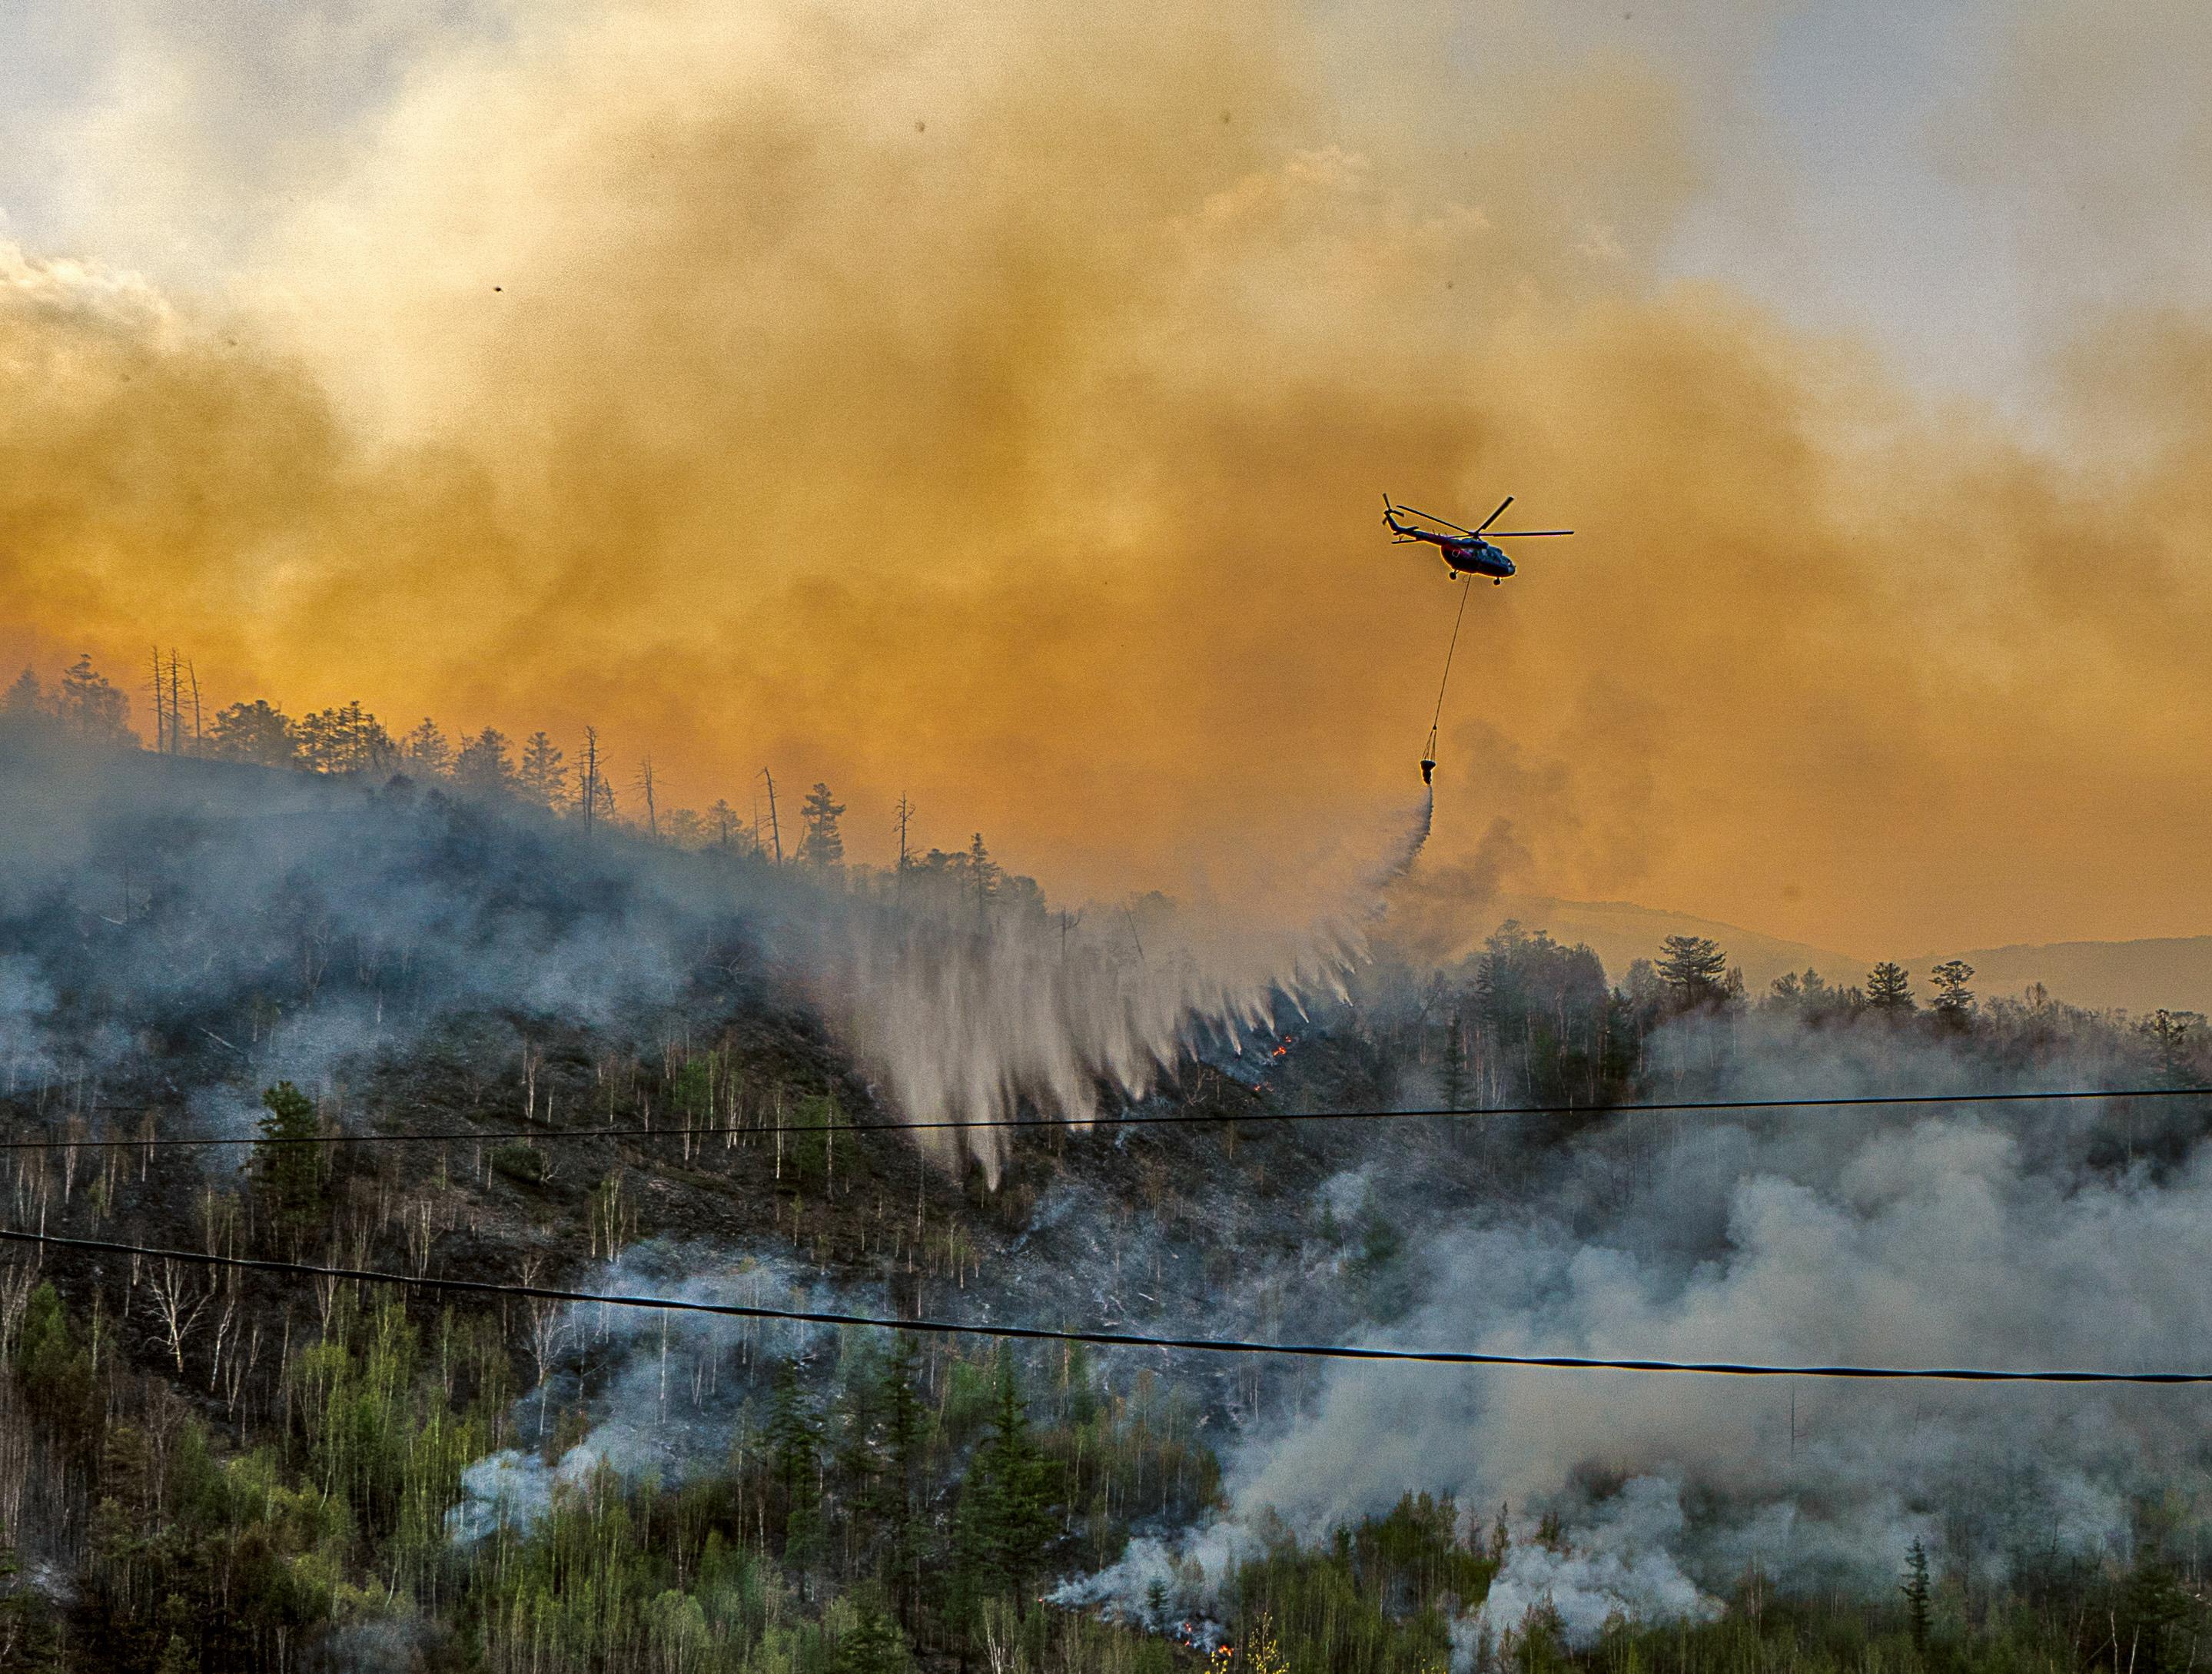 A szibériai hőhullám a klímaváltozás hatásainak drámai bizonyítéka